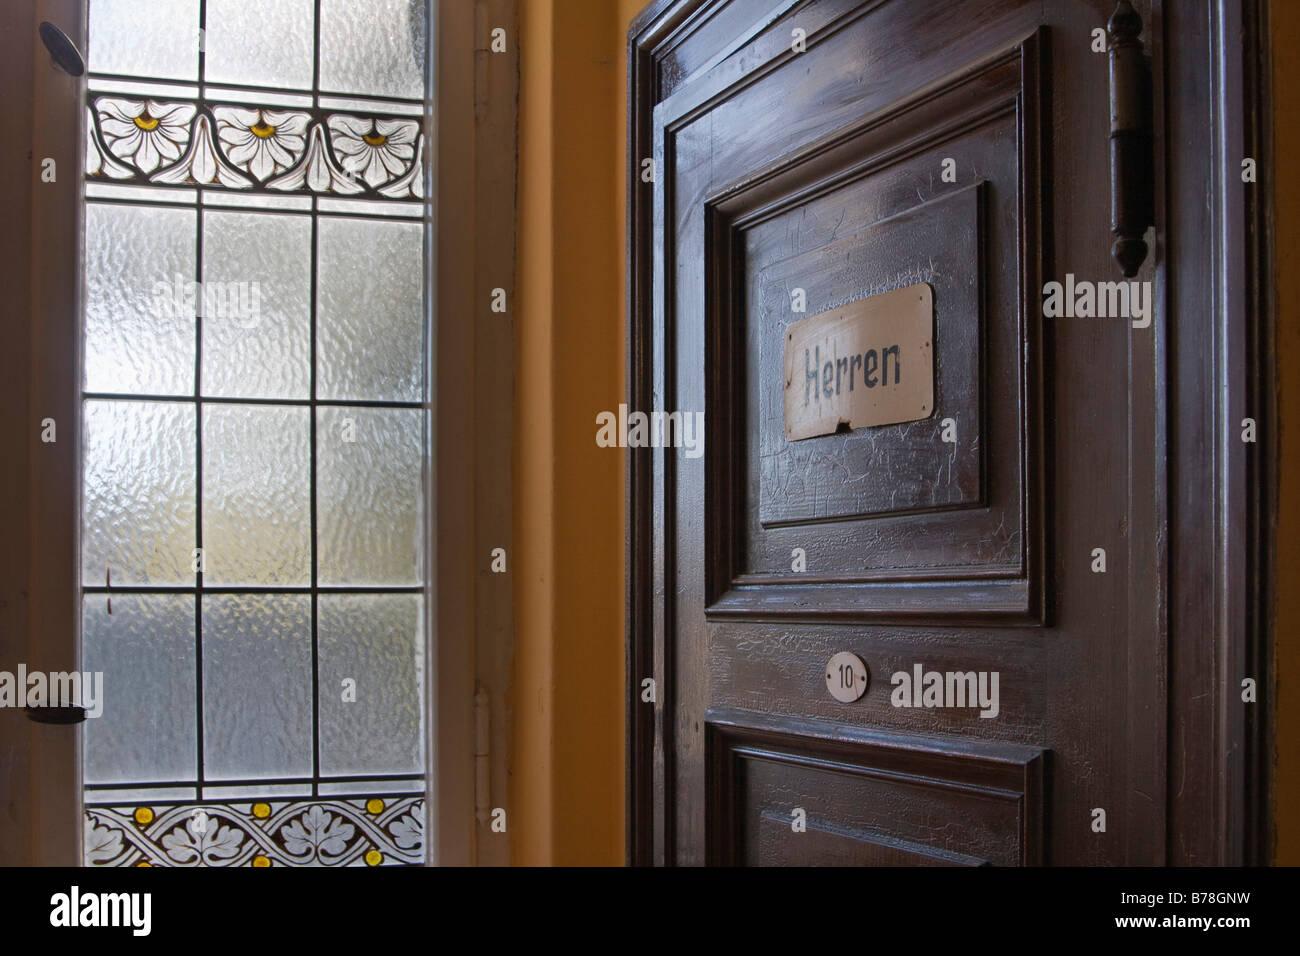 Toilet door with label 'Herren', gents, and a lead glass window, Neustrelitz, Mecklenburg-Western Pomerania, - Stock Image